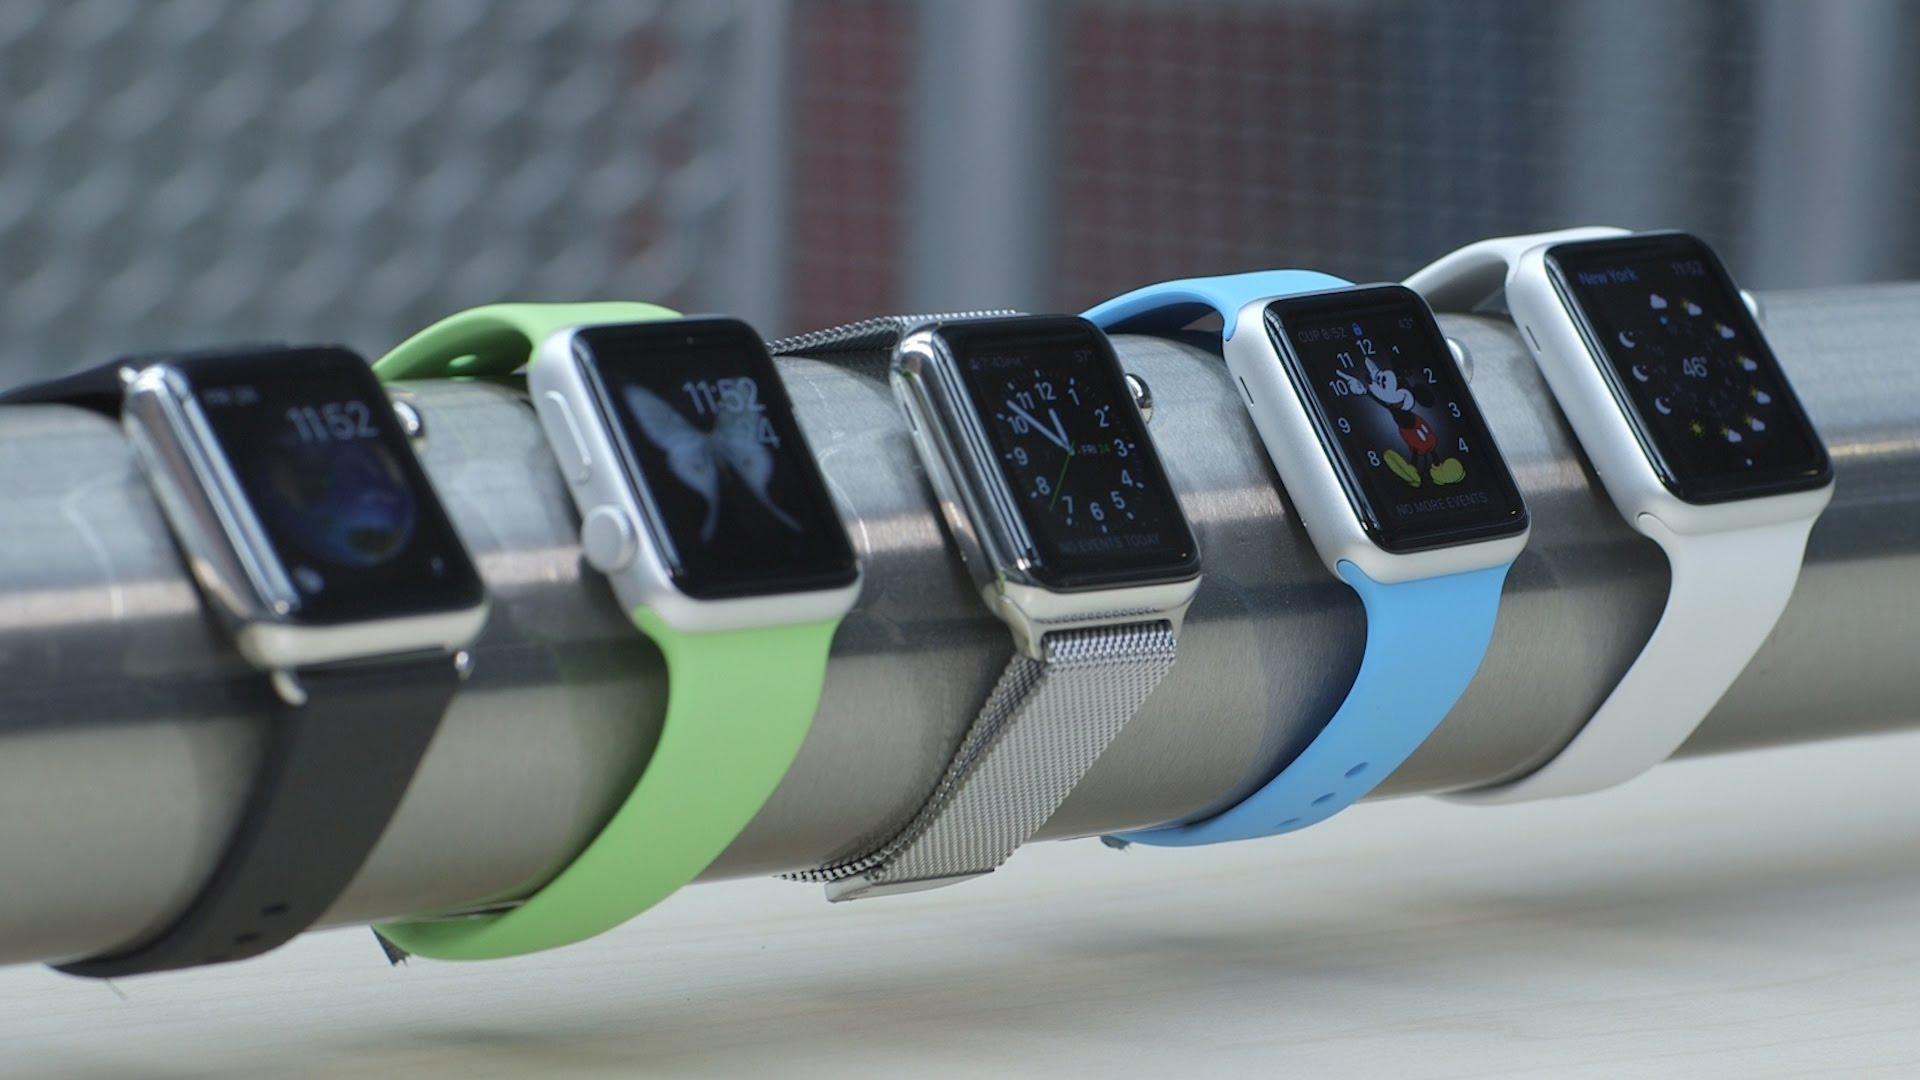 Apple Watch este cel mai bun smartwatch conform unor teste efectuate de Consumer Reports